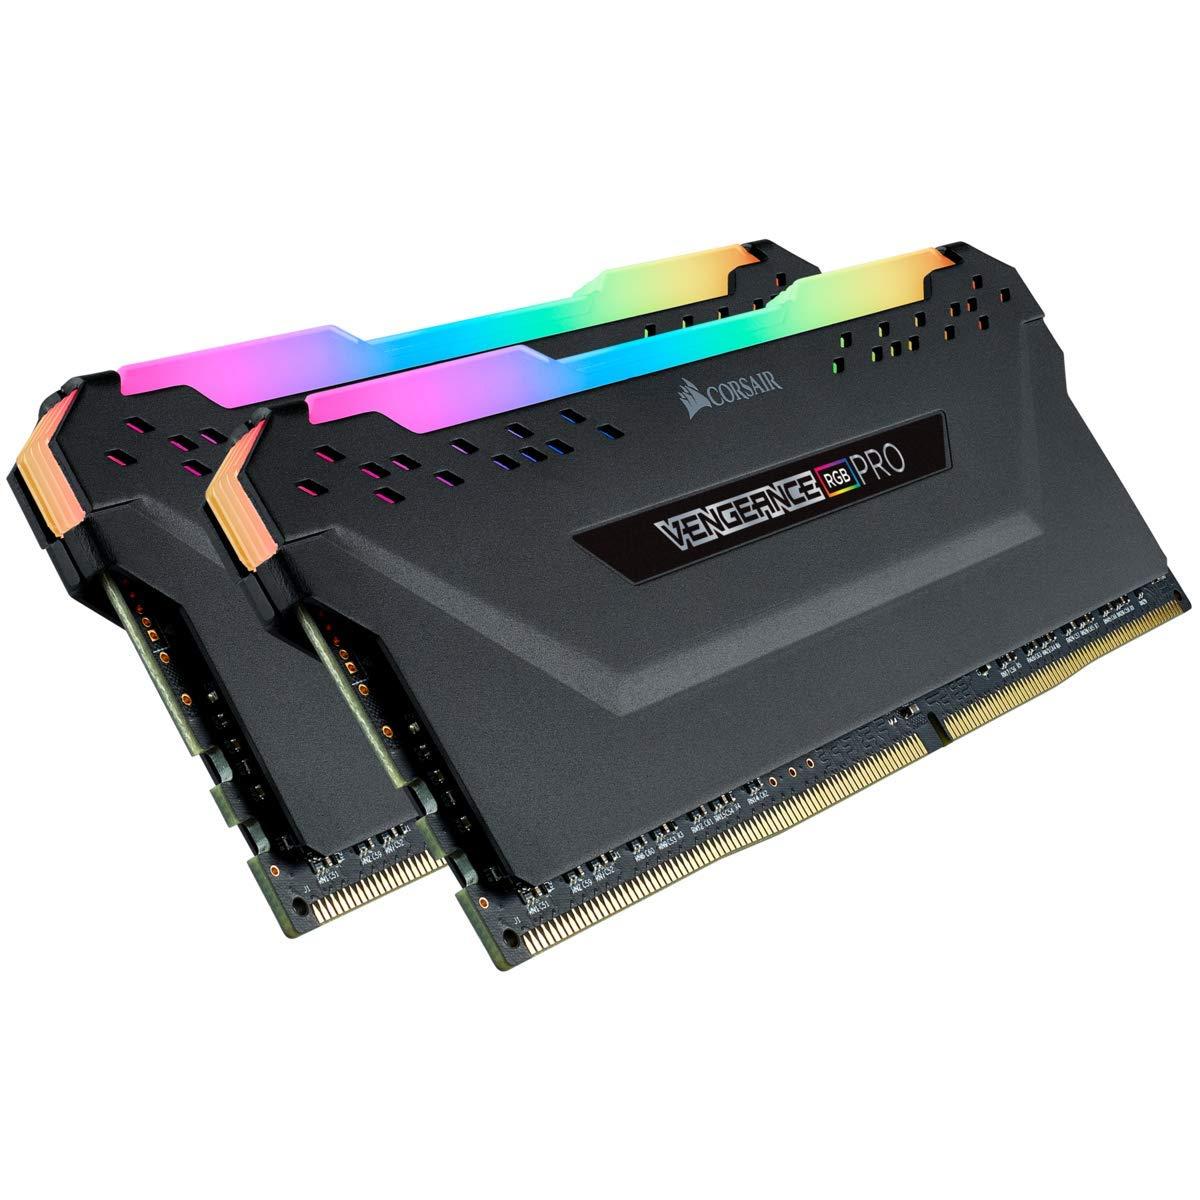 Kit de Mémoire RAM Corsair Vengeance RGB PRO - 16 Go (2x8Go) - DDR4, 2666MHz, C16, XMP 2.0